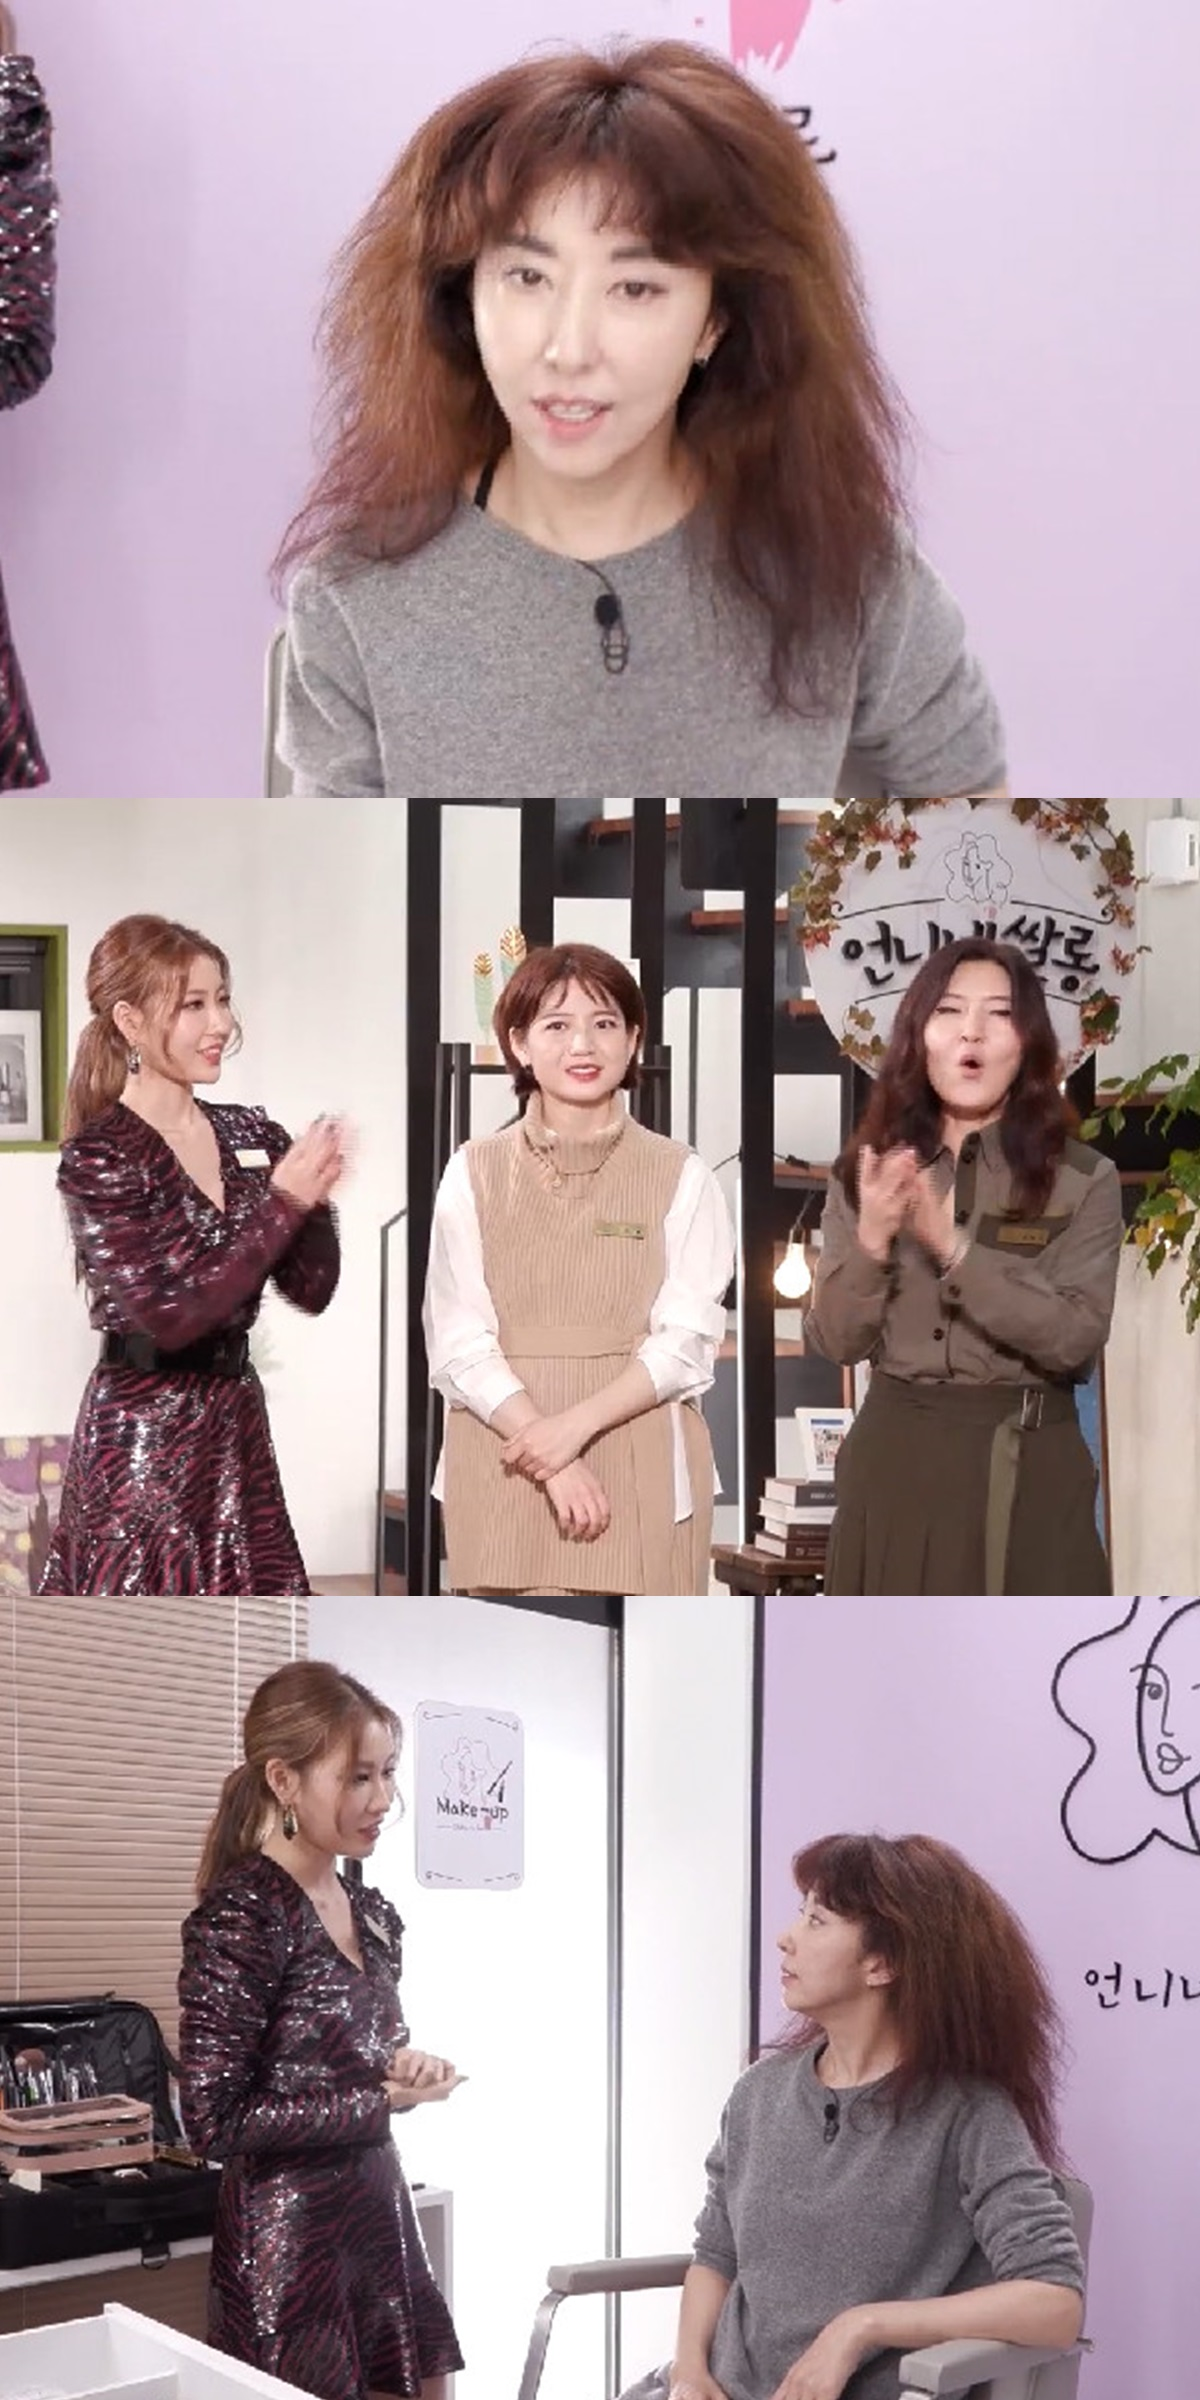 '언니네 쌀롱' 이사배, 메이크업 진행하다 김완선 앞에서 춘 춘 이유?!